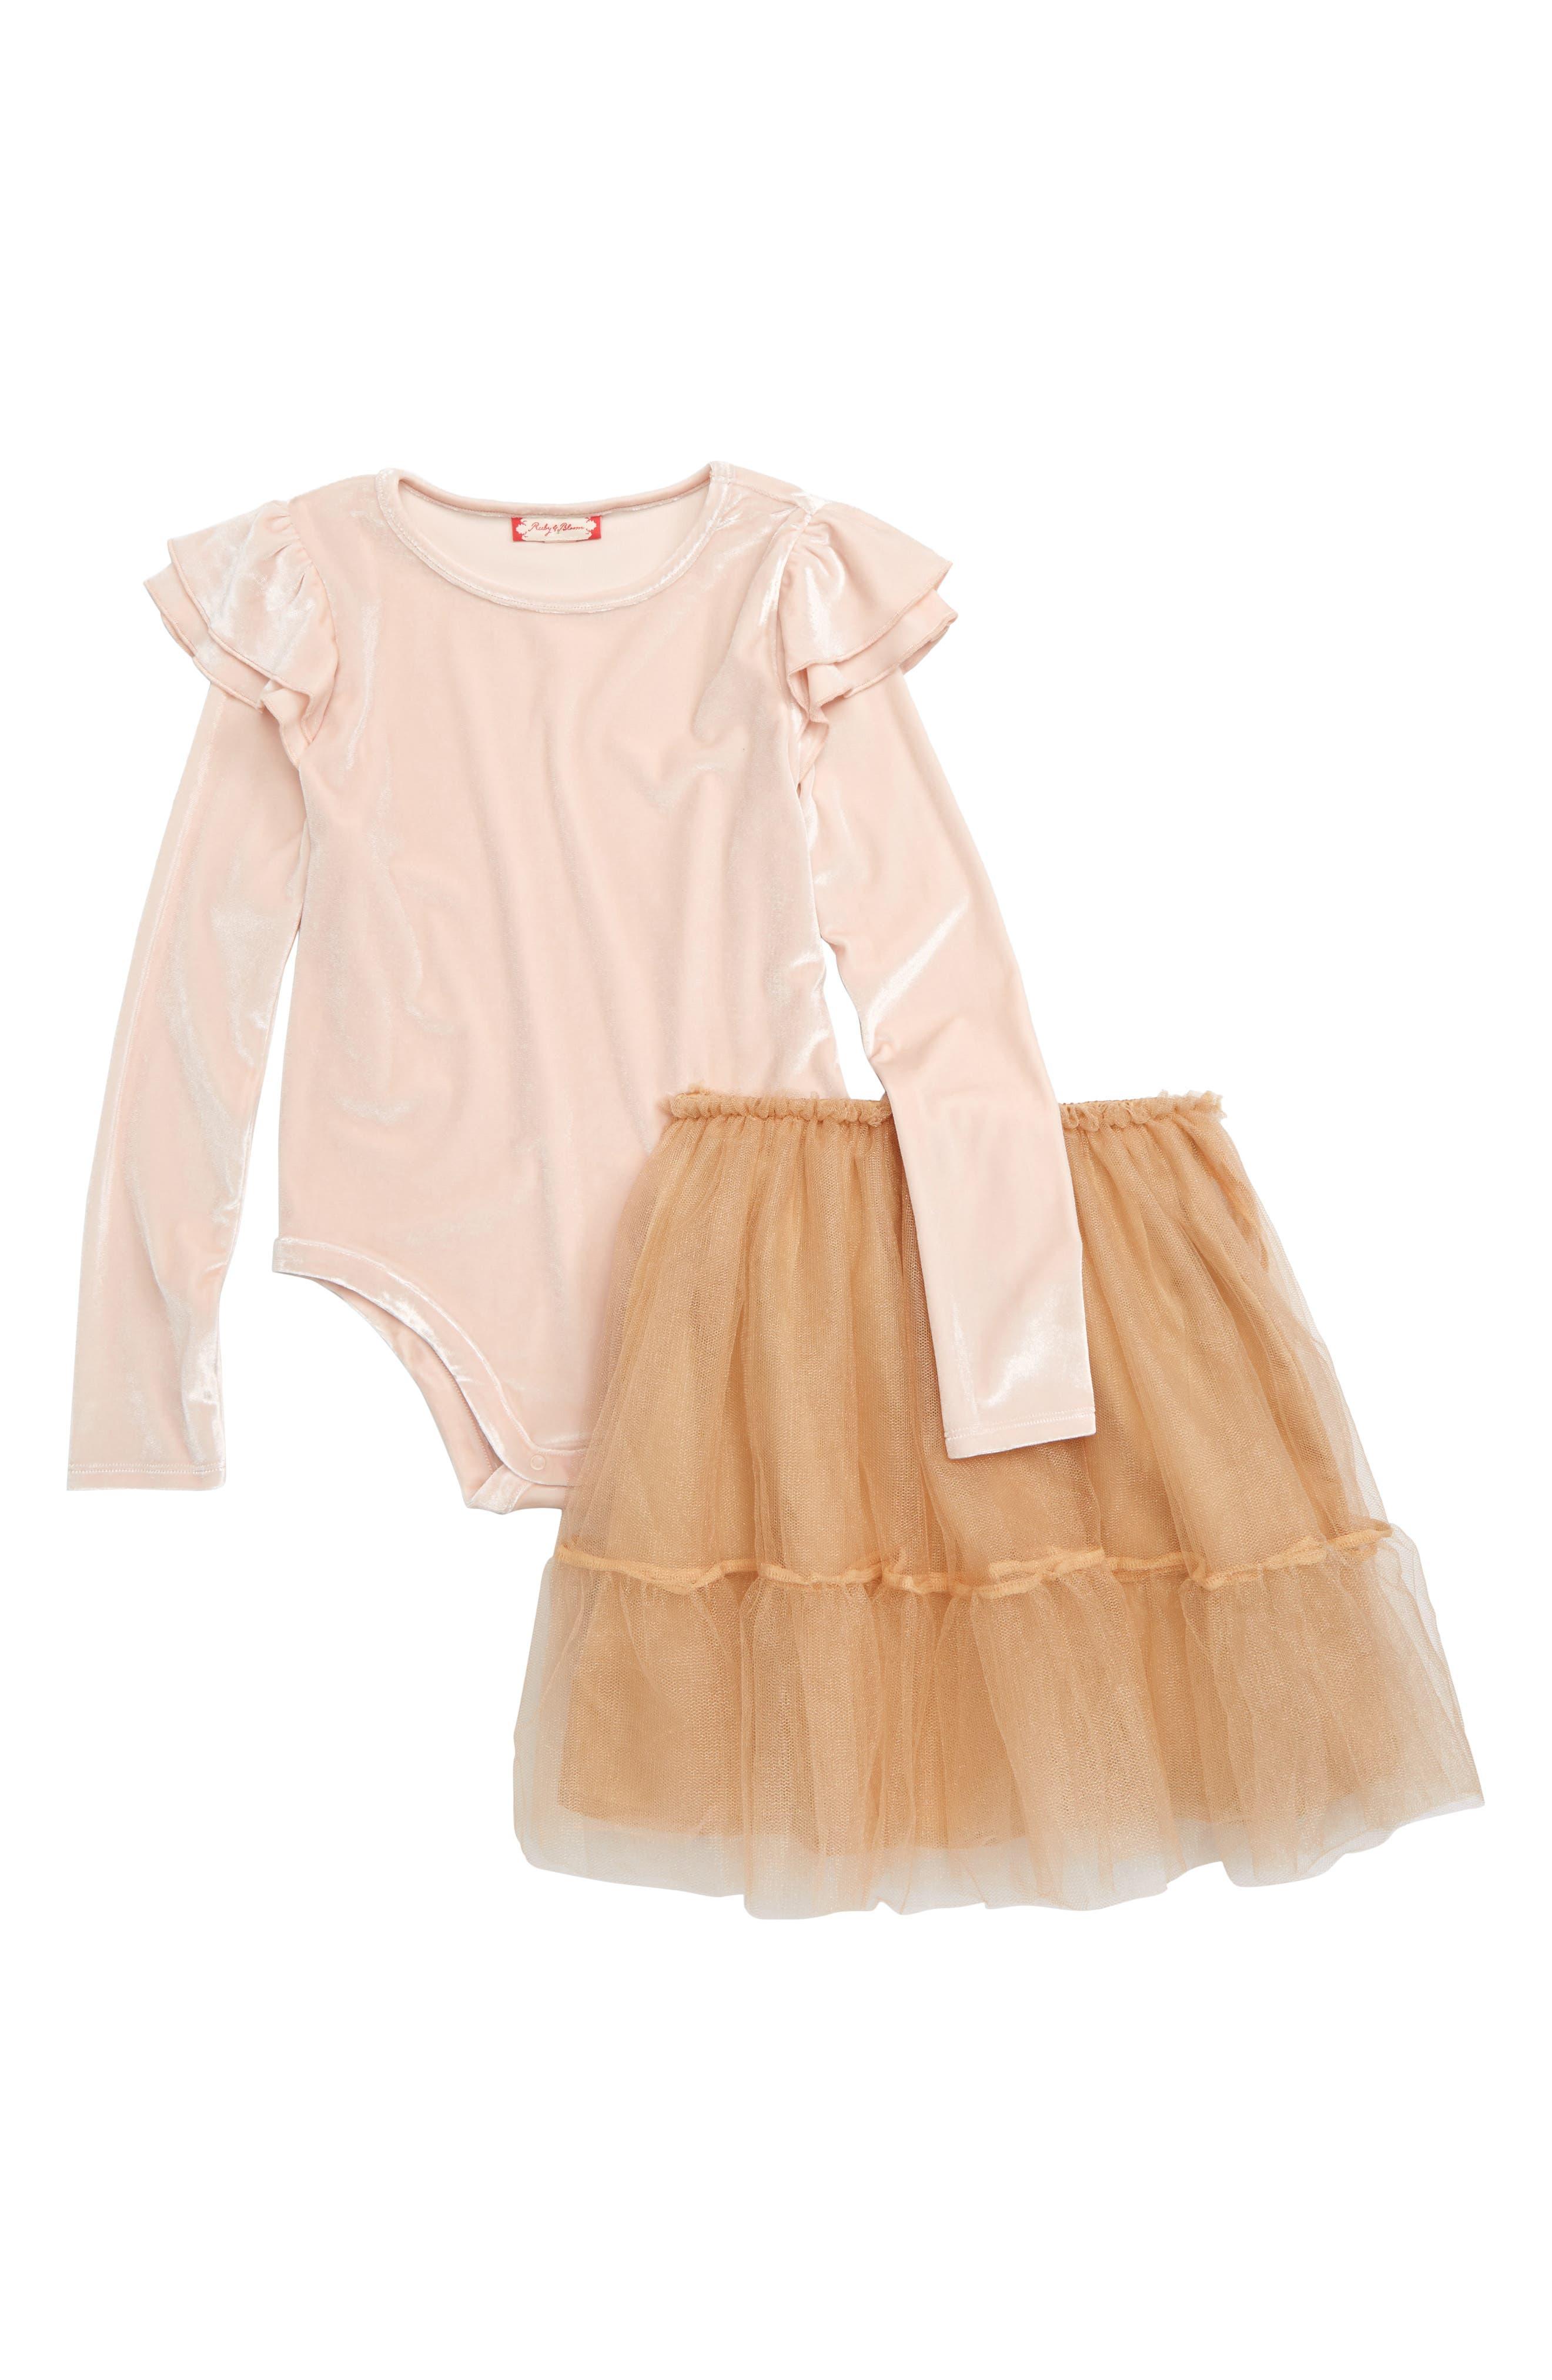 Ballerina Velvet Bodysuit & Tulle Skirt Set,                             Main thumbnail 1, color,                             PINK WOOD- GOLD